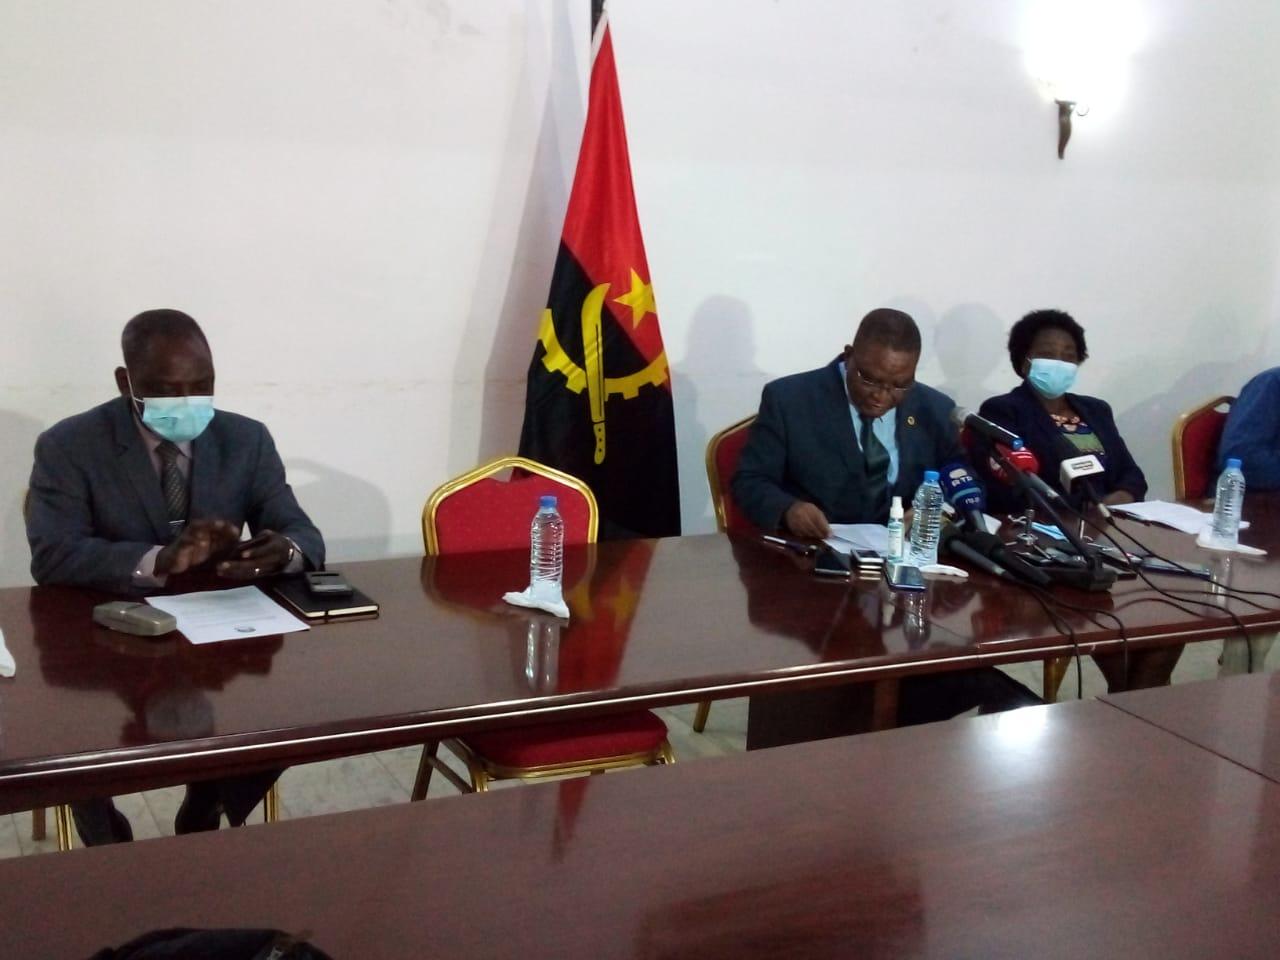 Oposição congratula-se com a atitude do Presidente da República